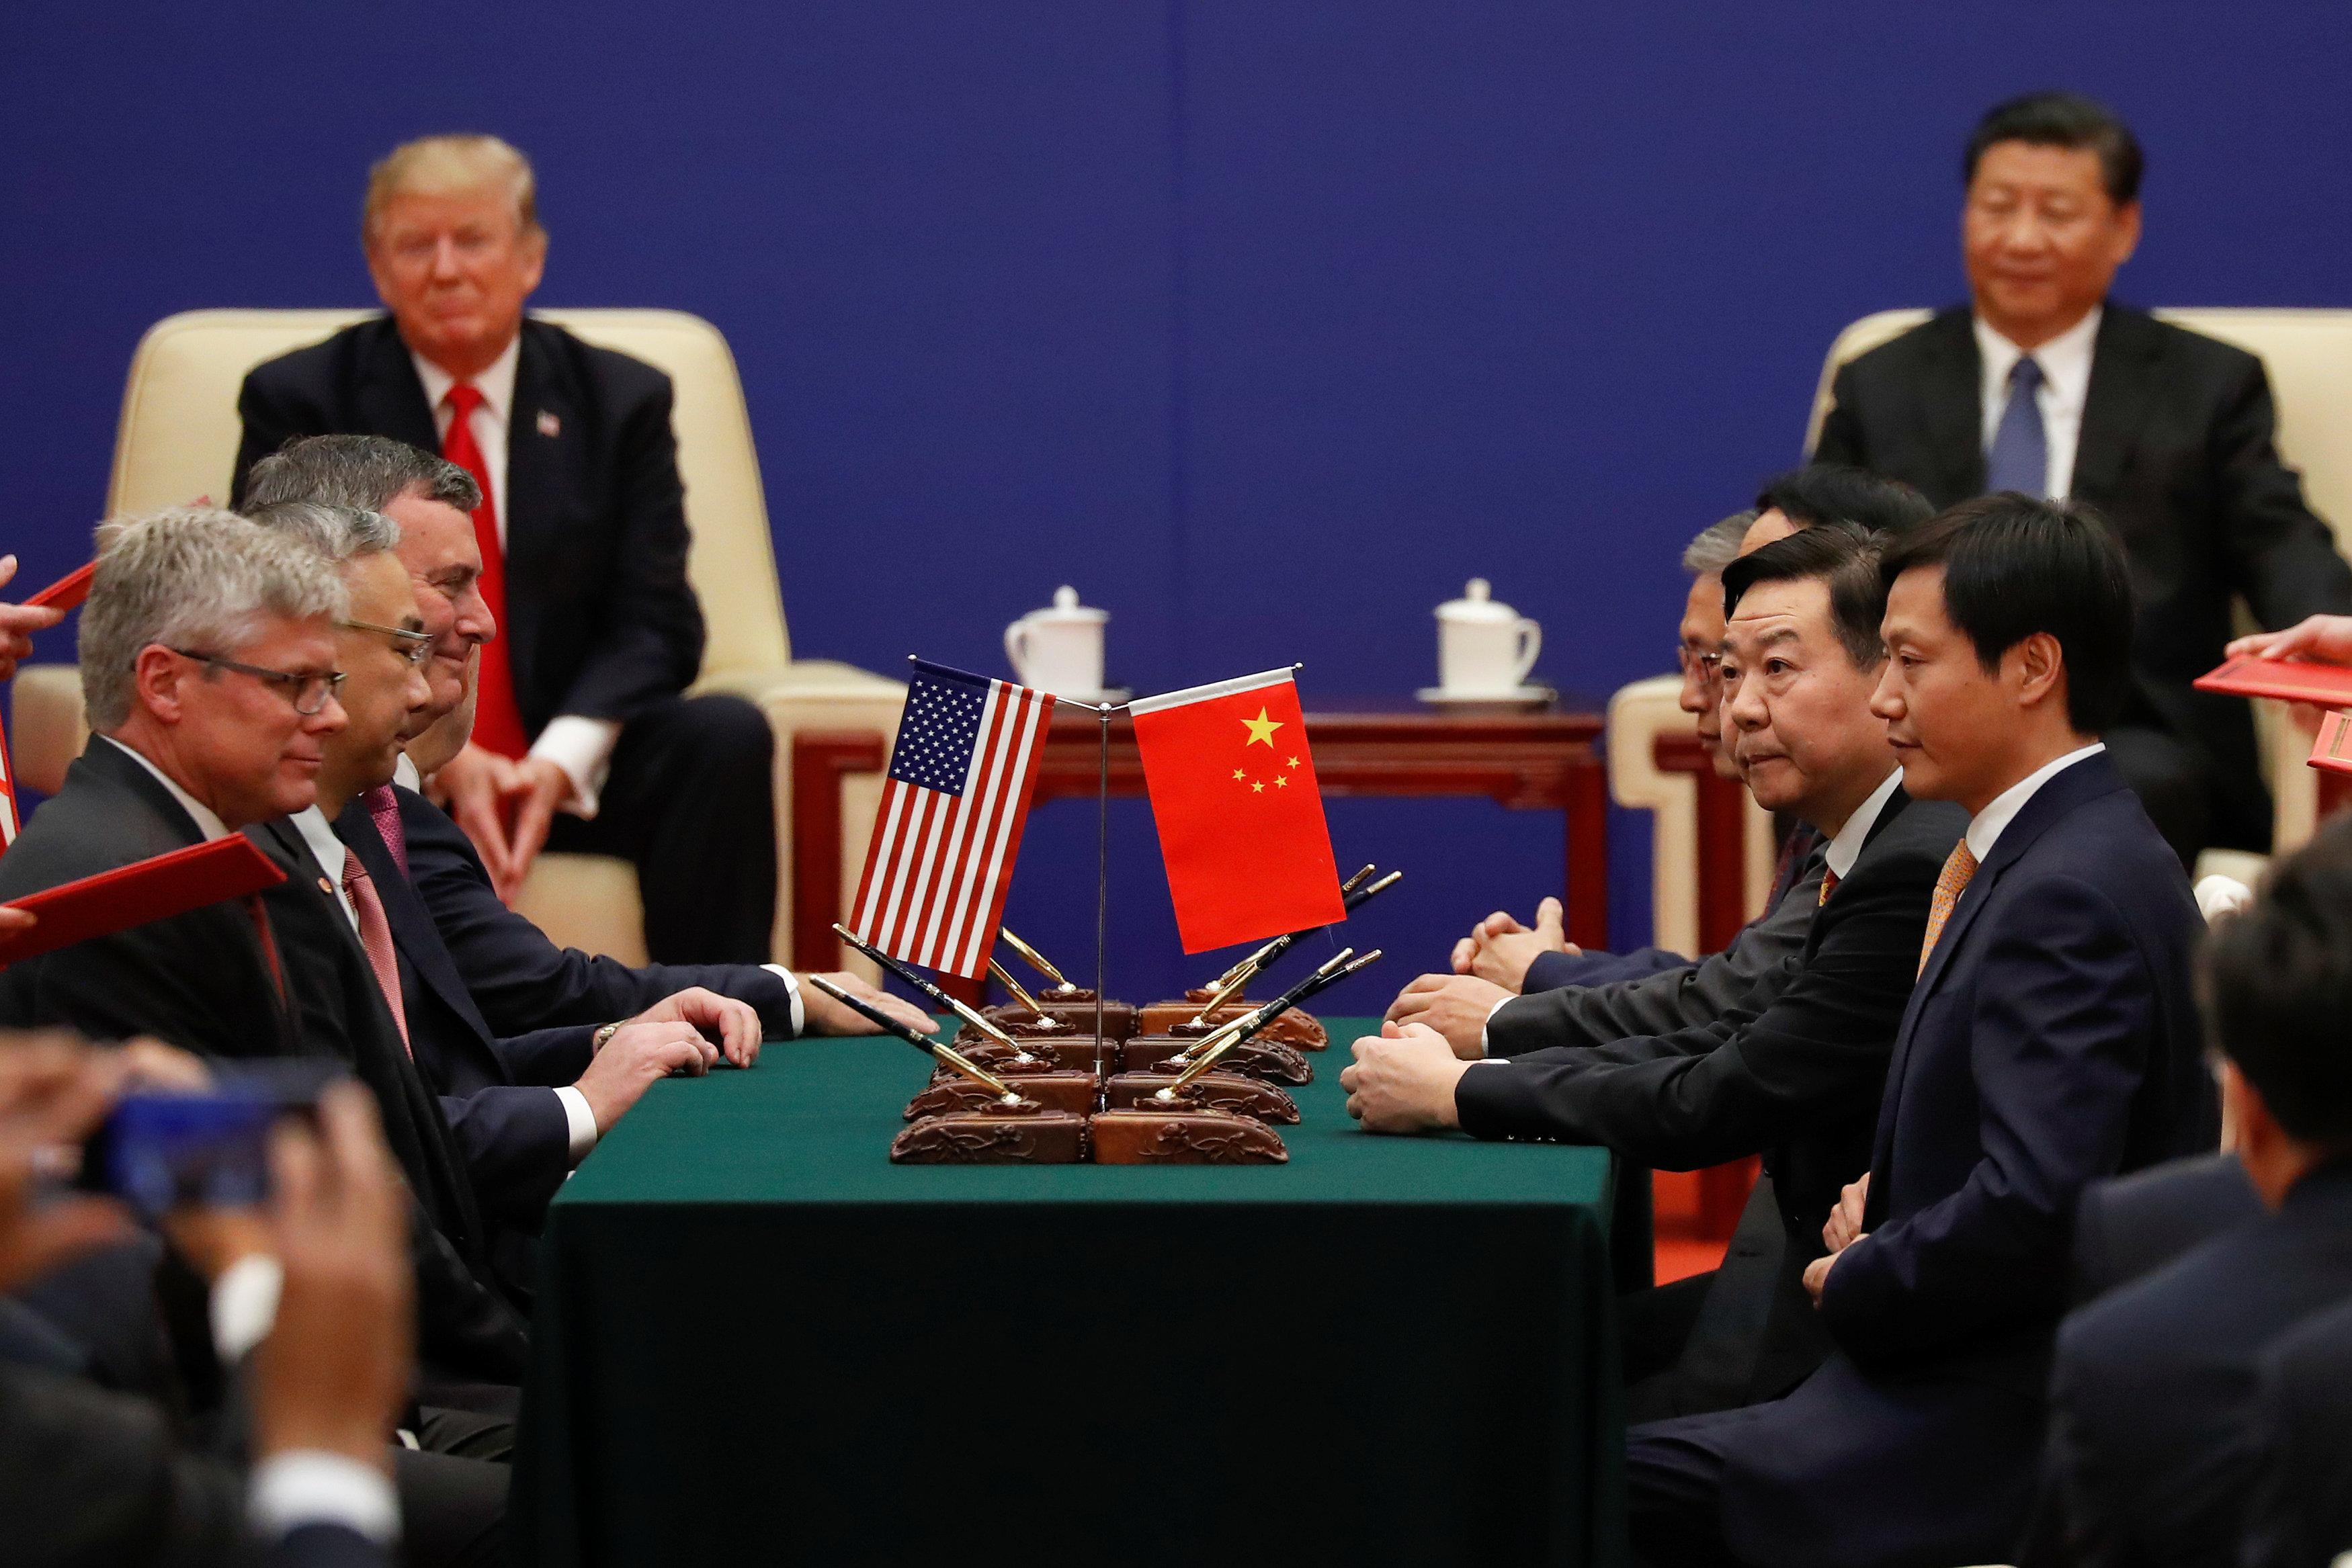 الصفقات الاقتصادية بين أمريكا والصين